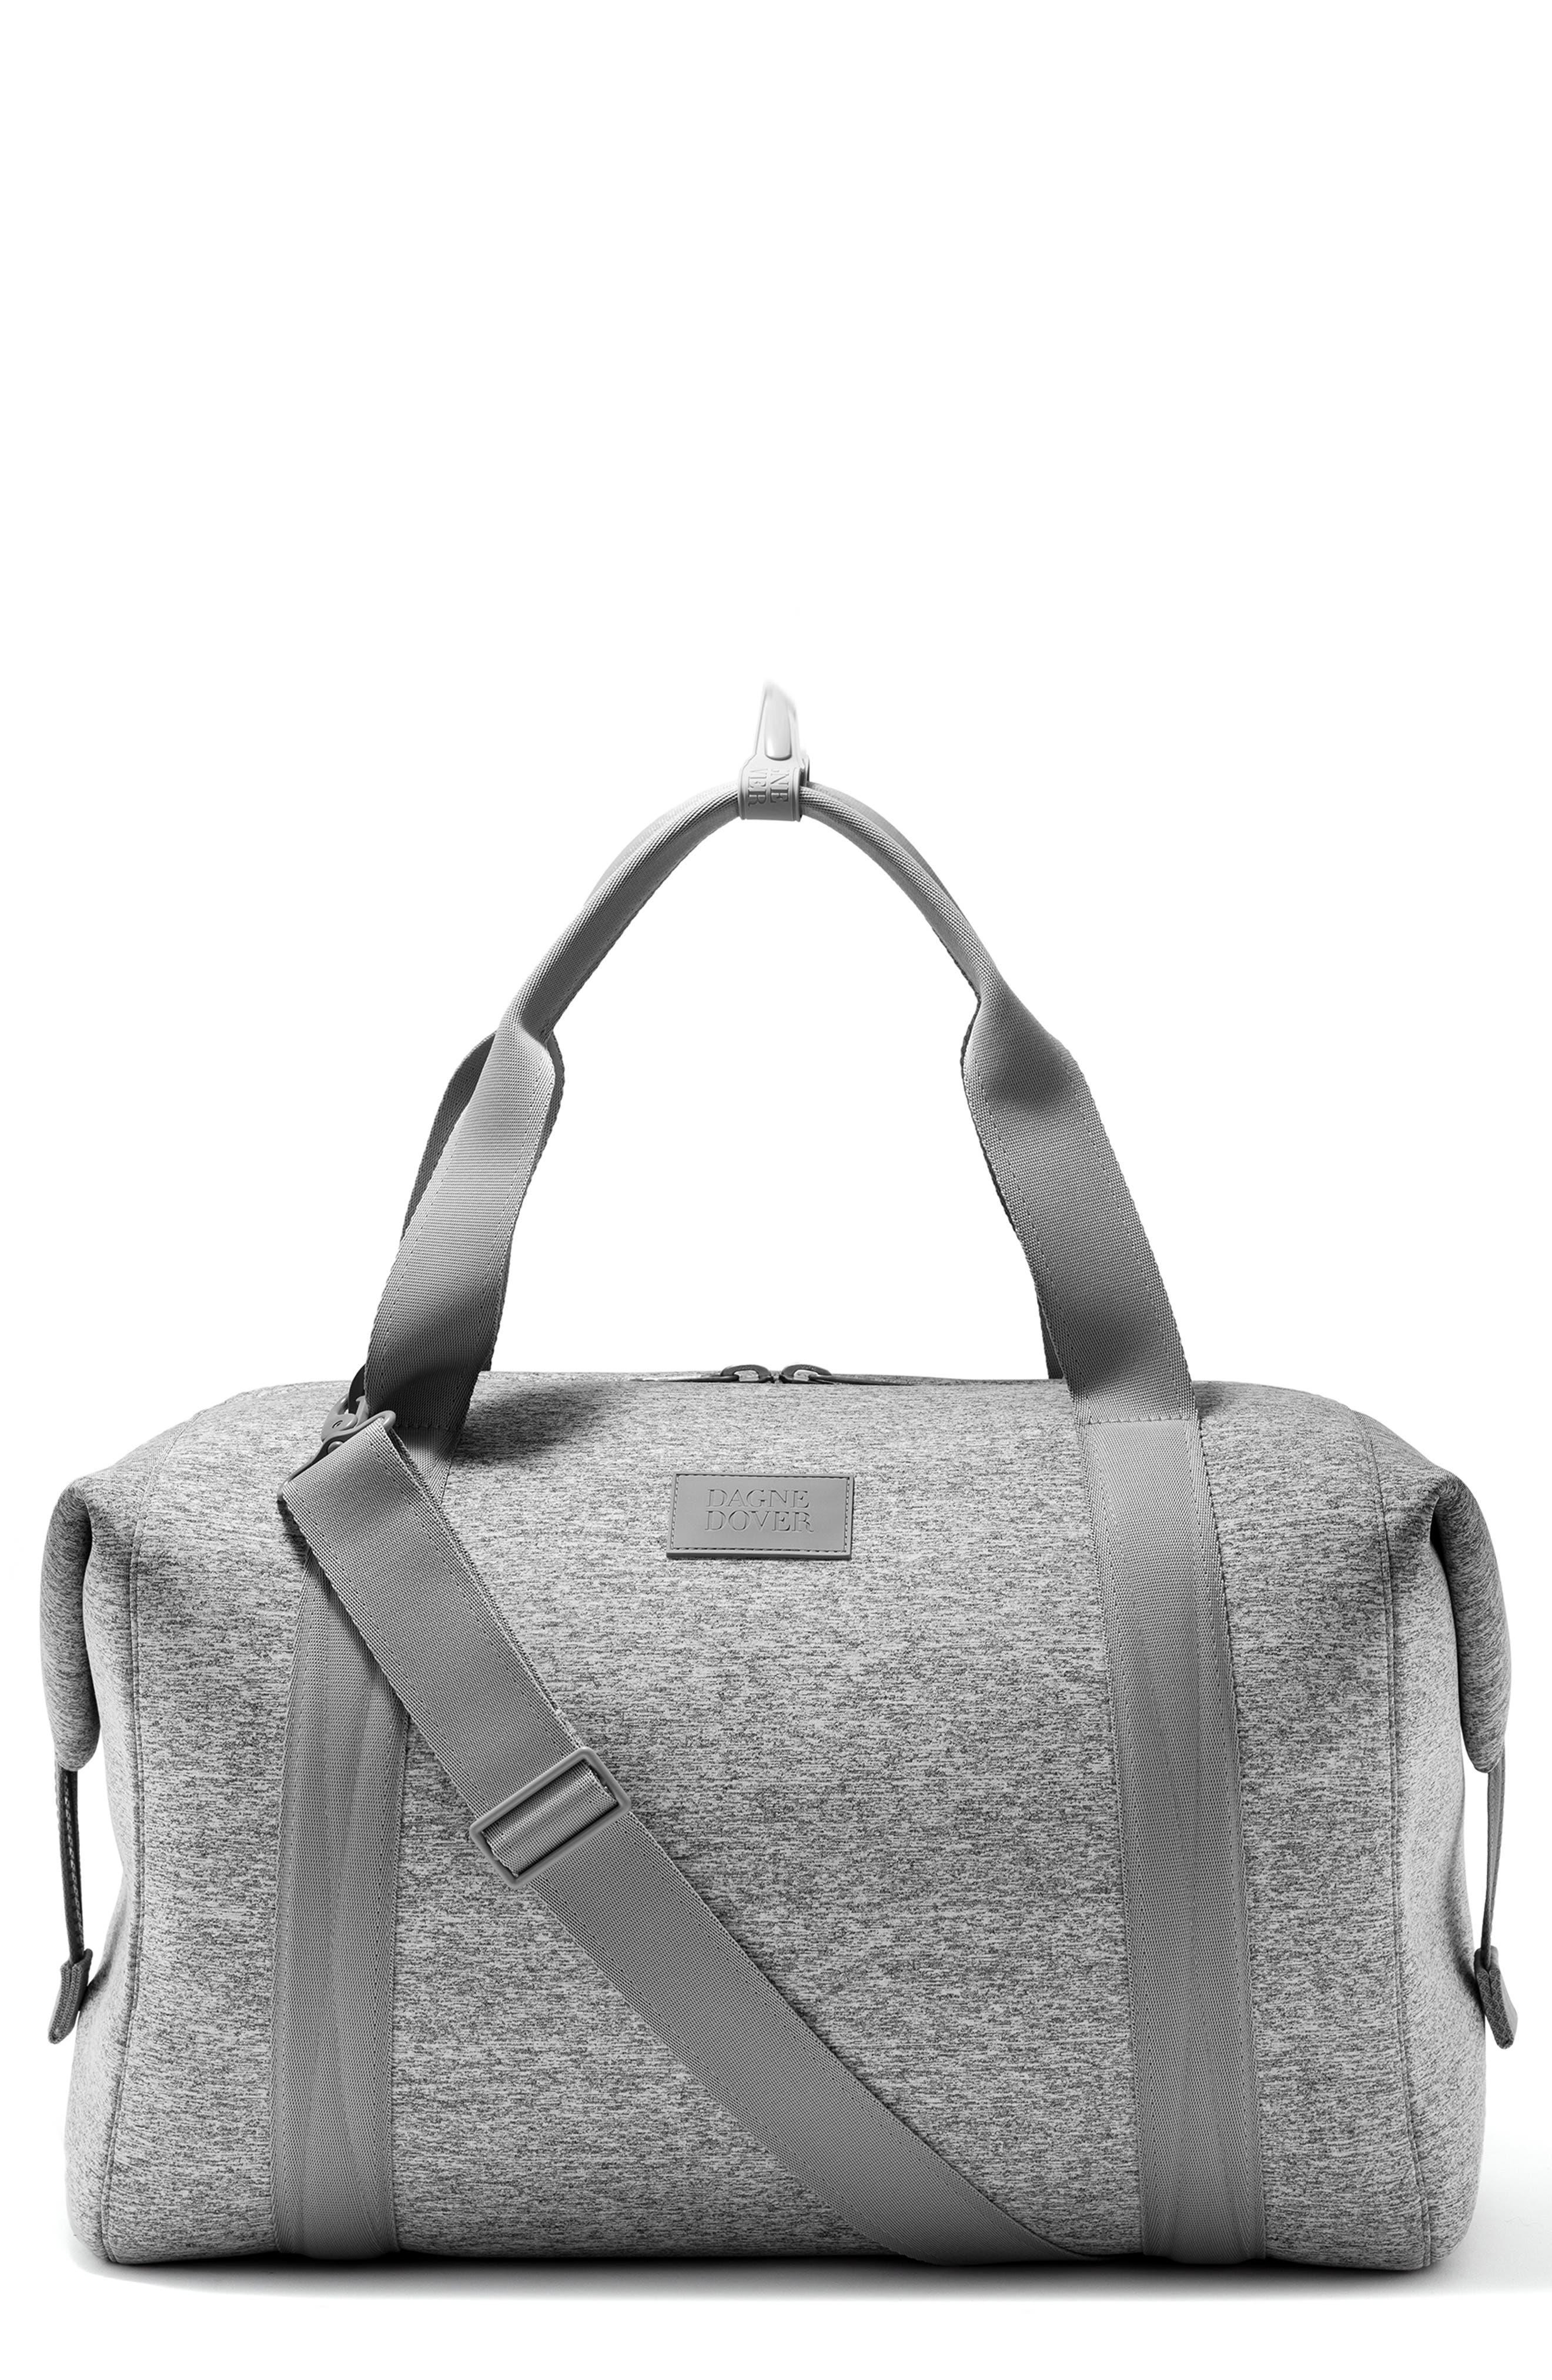 DAGNE DOVER Xl Landon Carryall Duffel Bag - Grey in Heather Grey